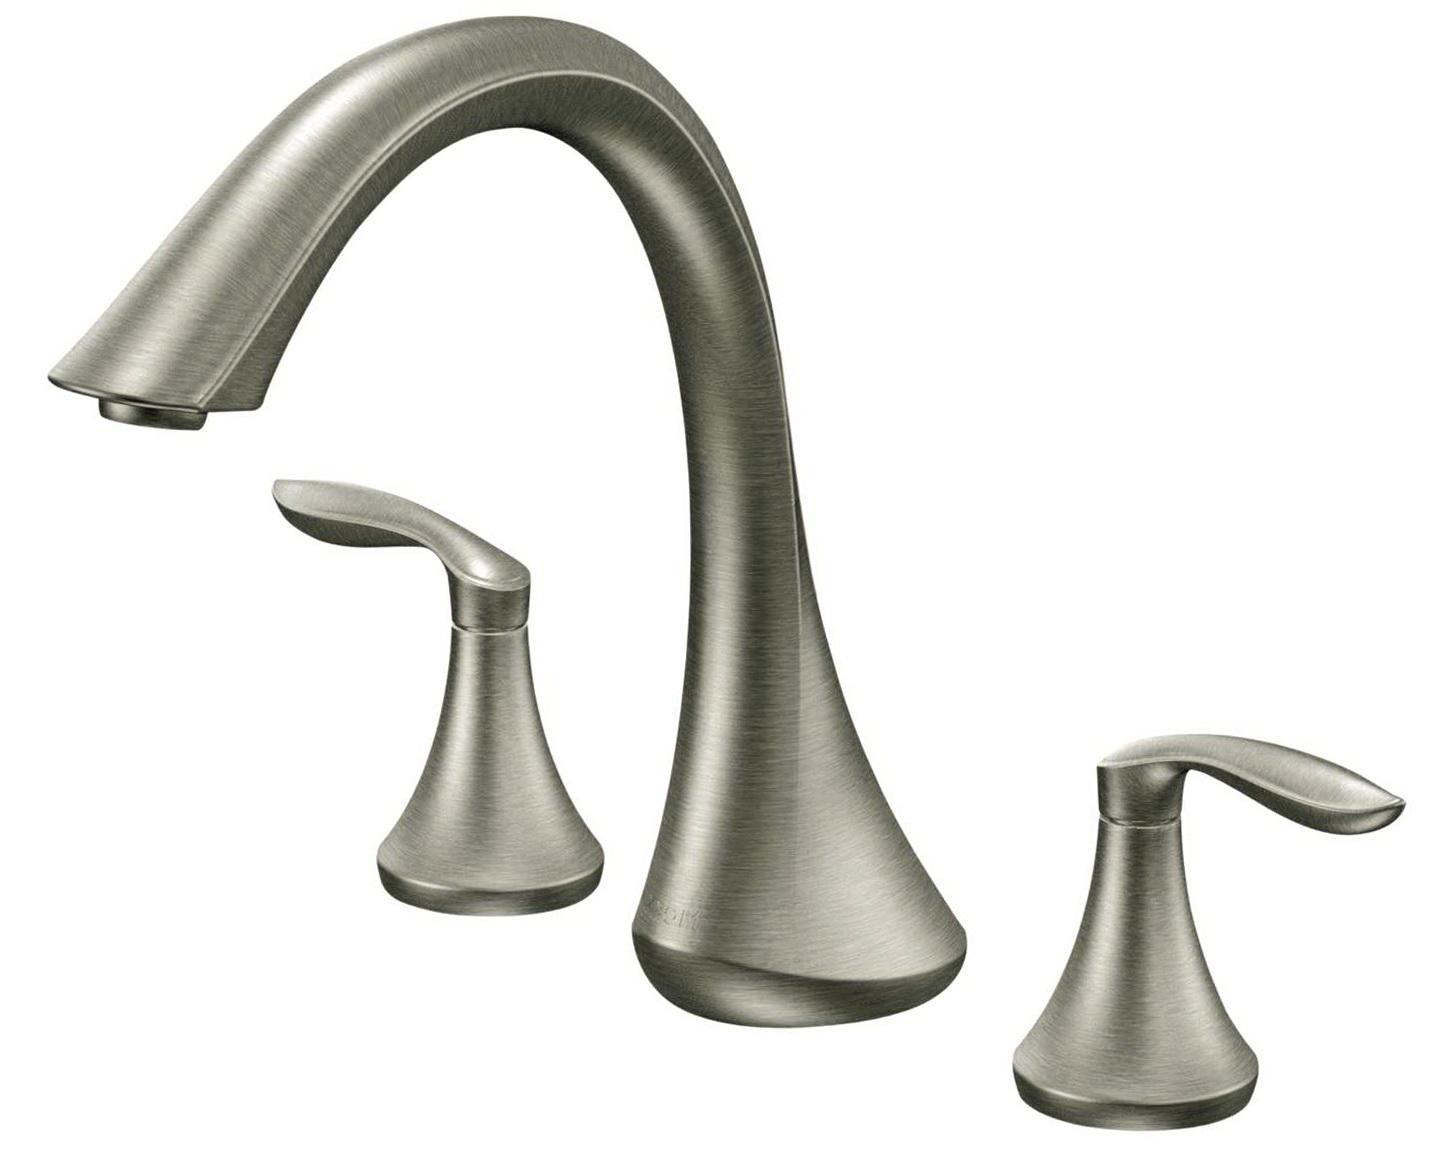 Moen Bathroom Faucet Parts Diagram